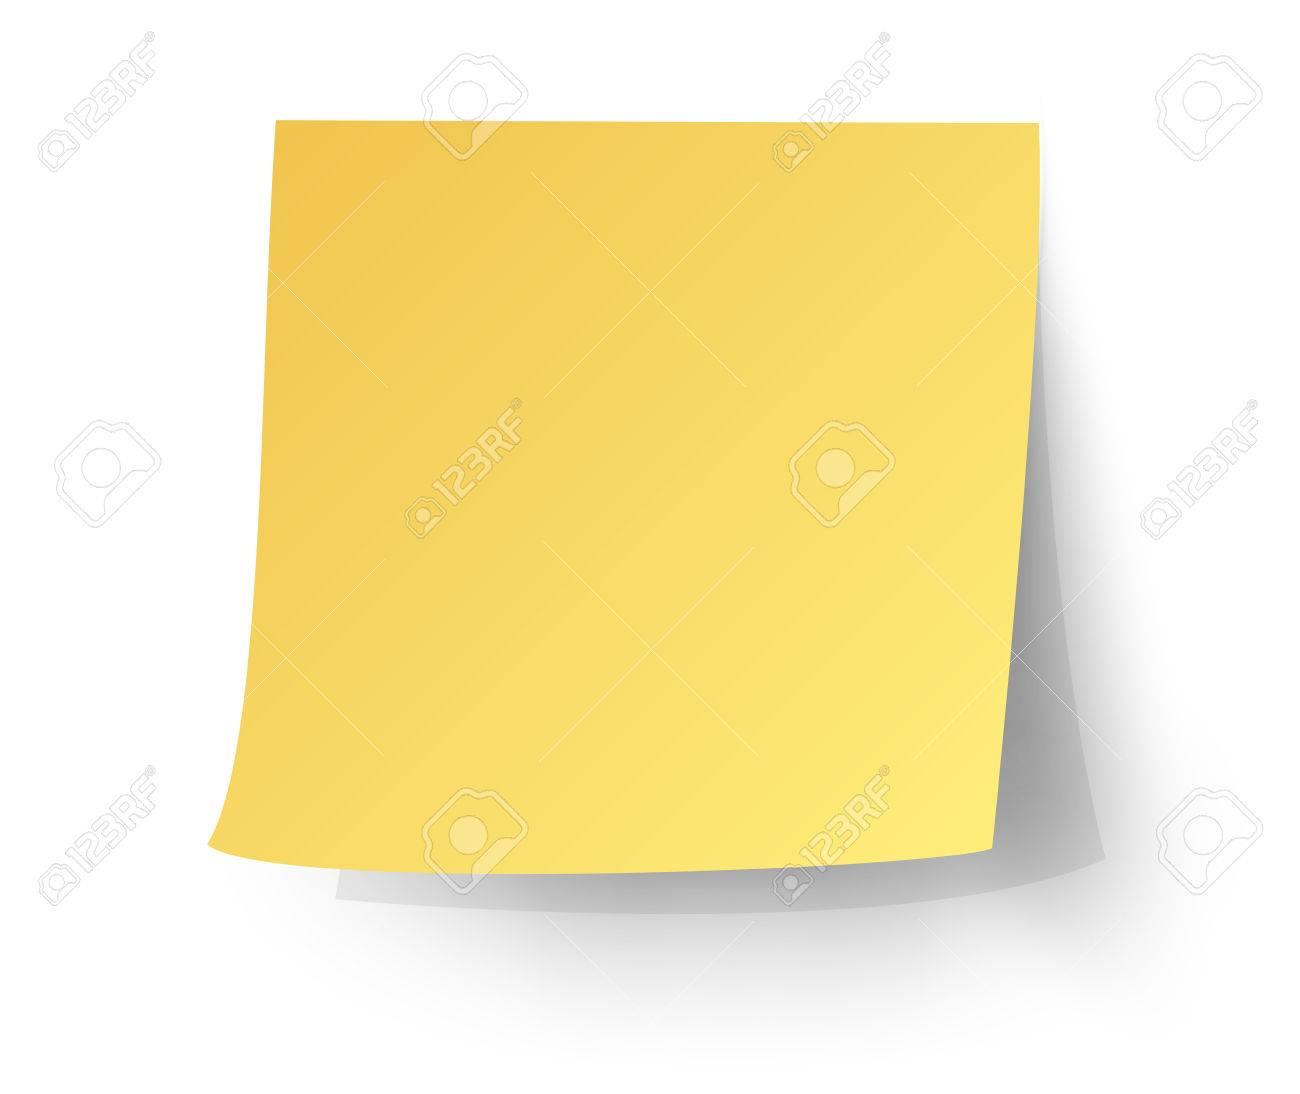 黄色の付箋ポストイットベクトル イラストのイラスト素材ベクタ